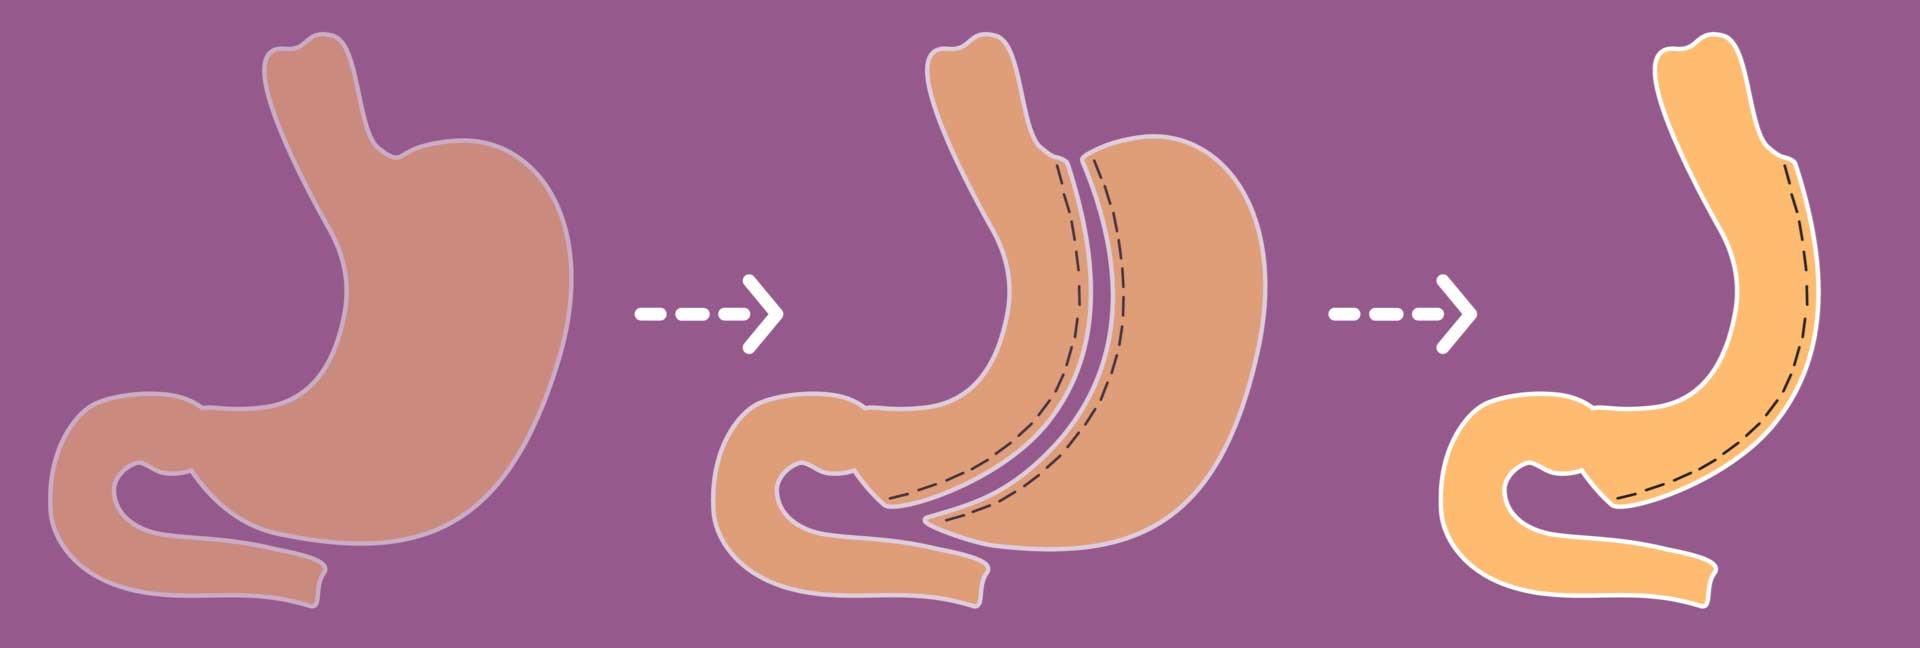 روده کوچک نقش اصلی در فرآیند هضم و جذب غذا بازی می کند